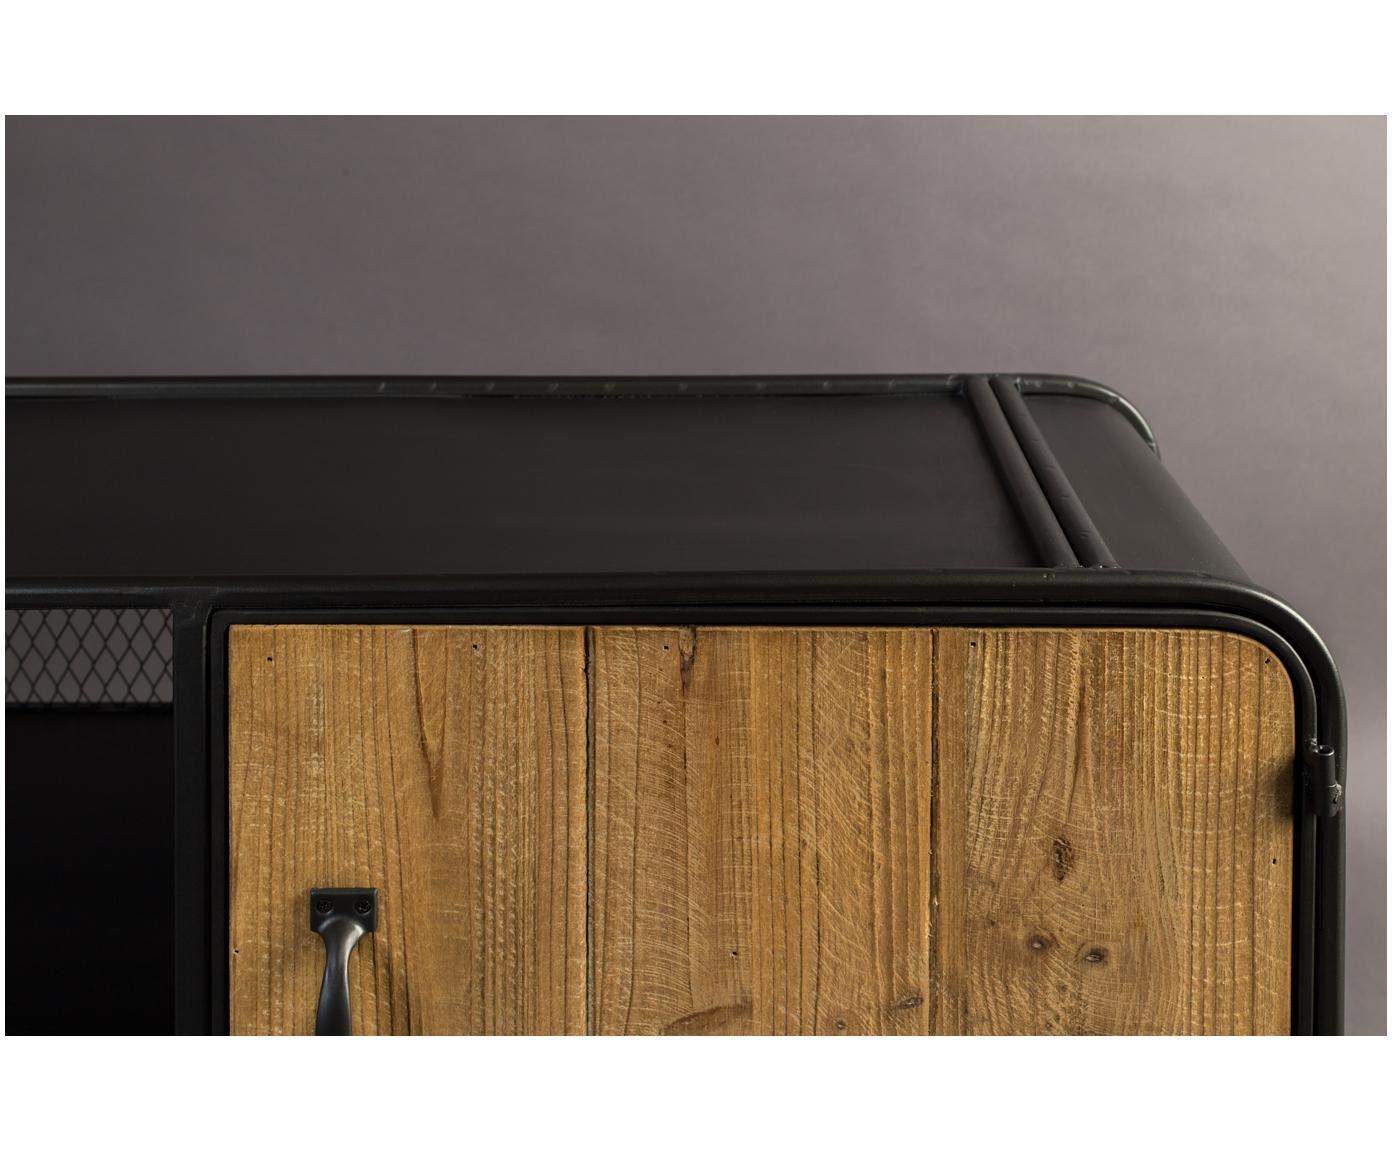 Lowboard Gin in industrieel ontwerp, Deuren, lades: dennenhoutkleurig.  Frame, handgrepen en poten: grijs, 135 x 51 cm